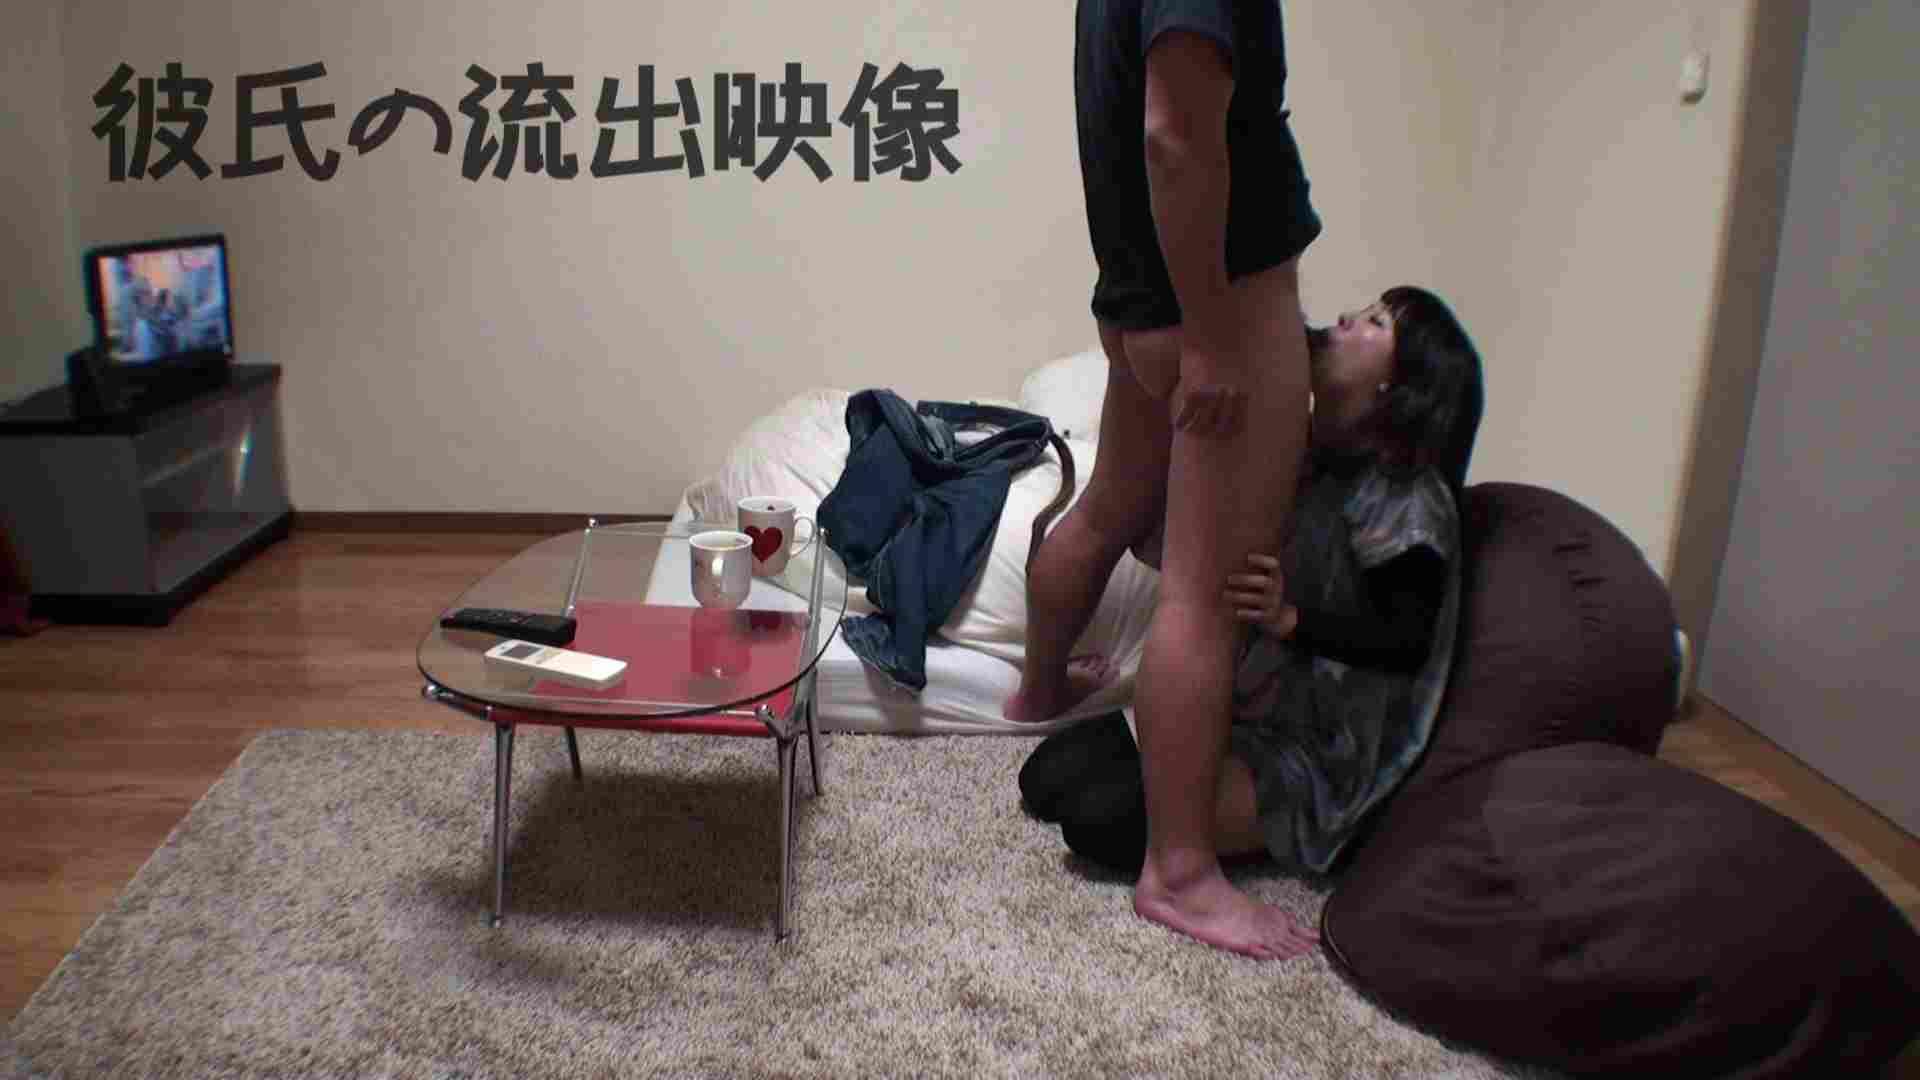 彼氏が流出 パイパン素人嬢のハメ撮り映像02 SEX映像 ヌード画像 46pic 8